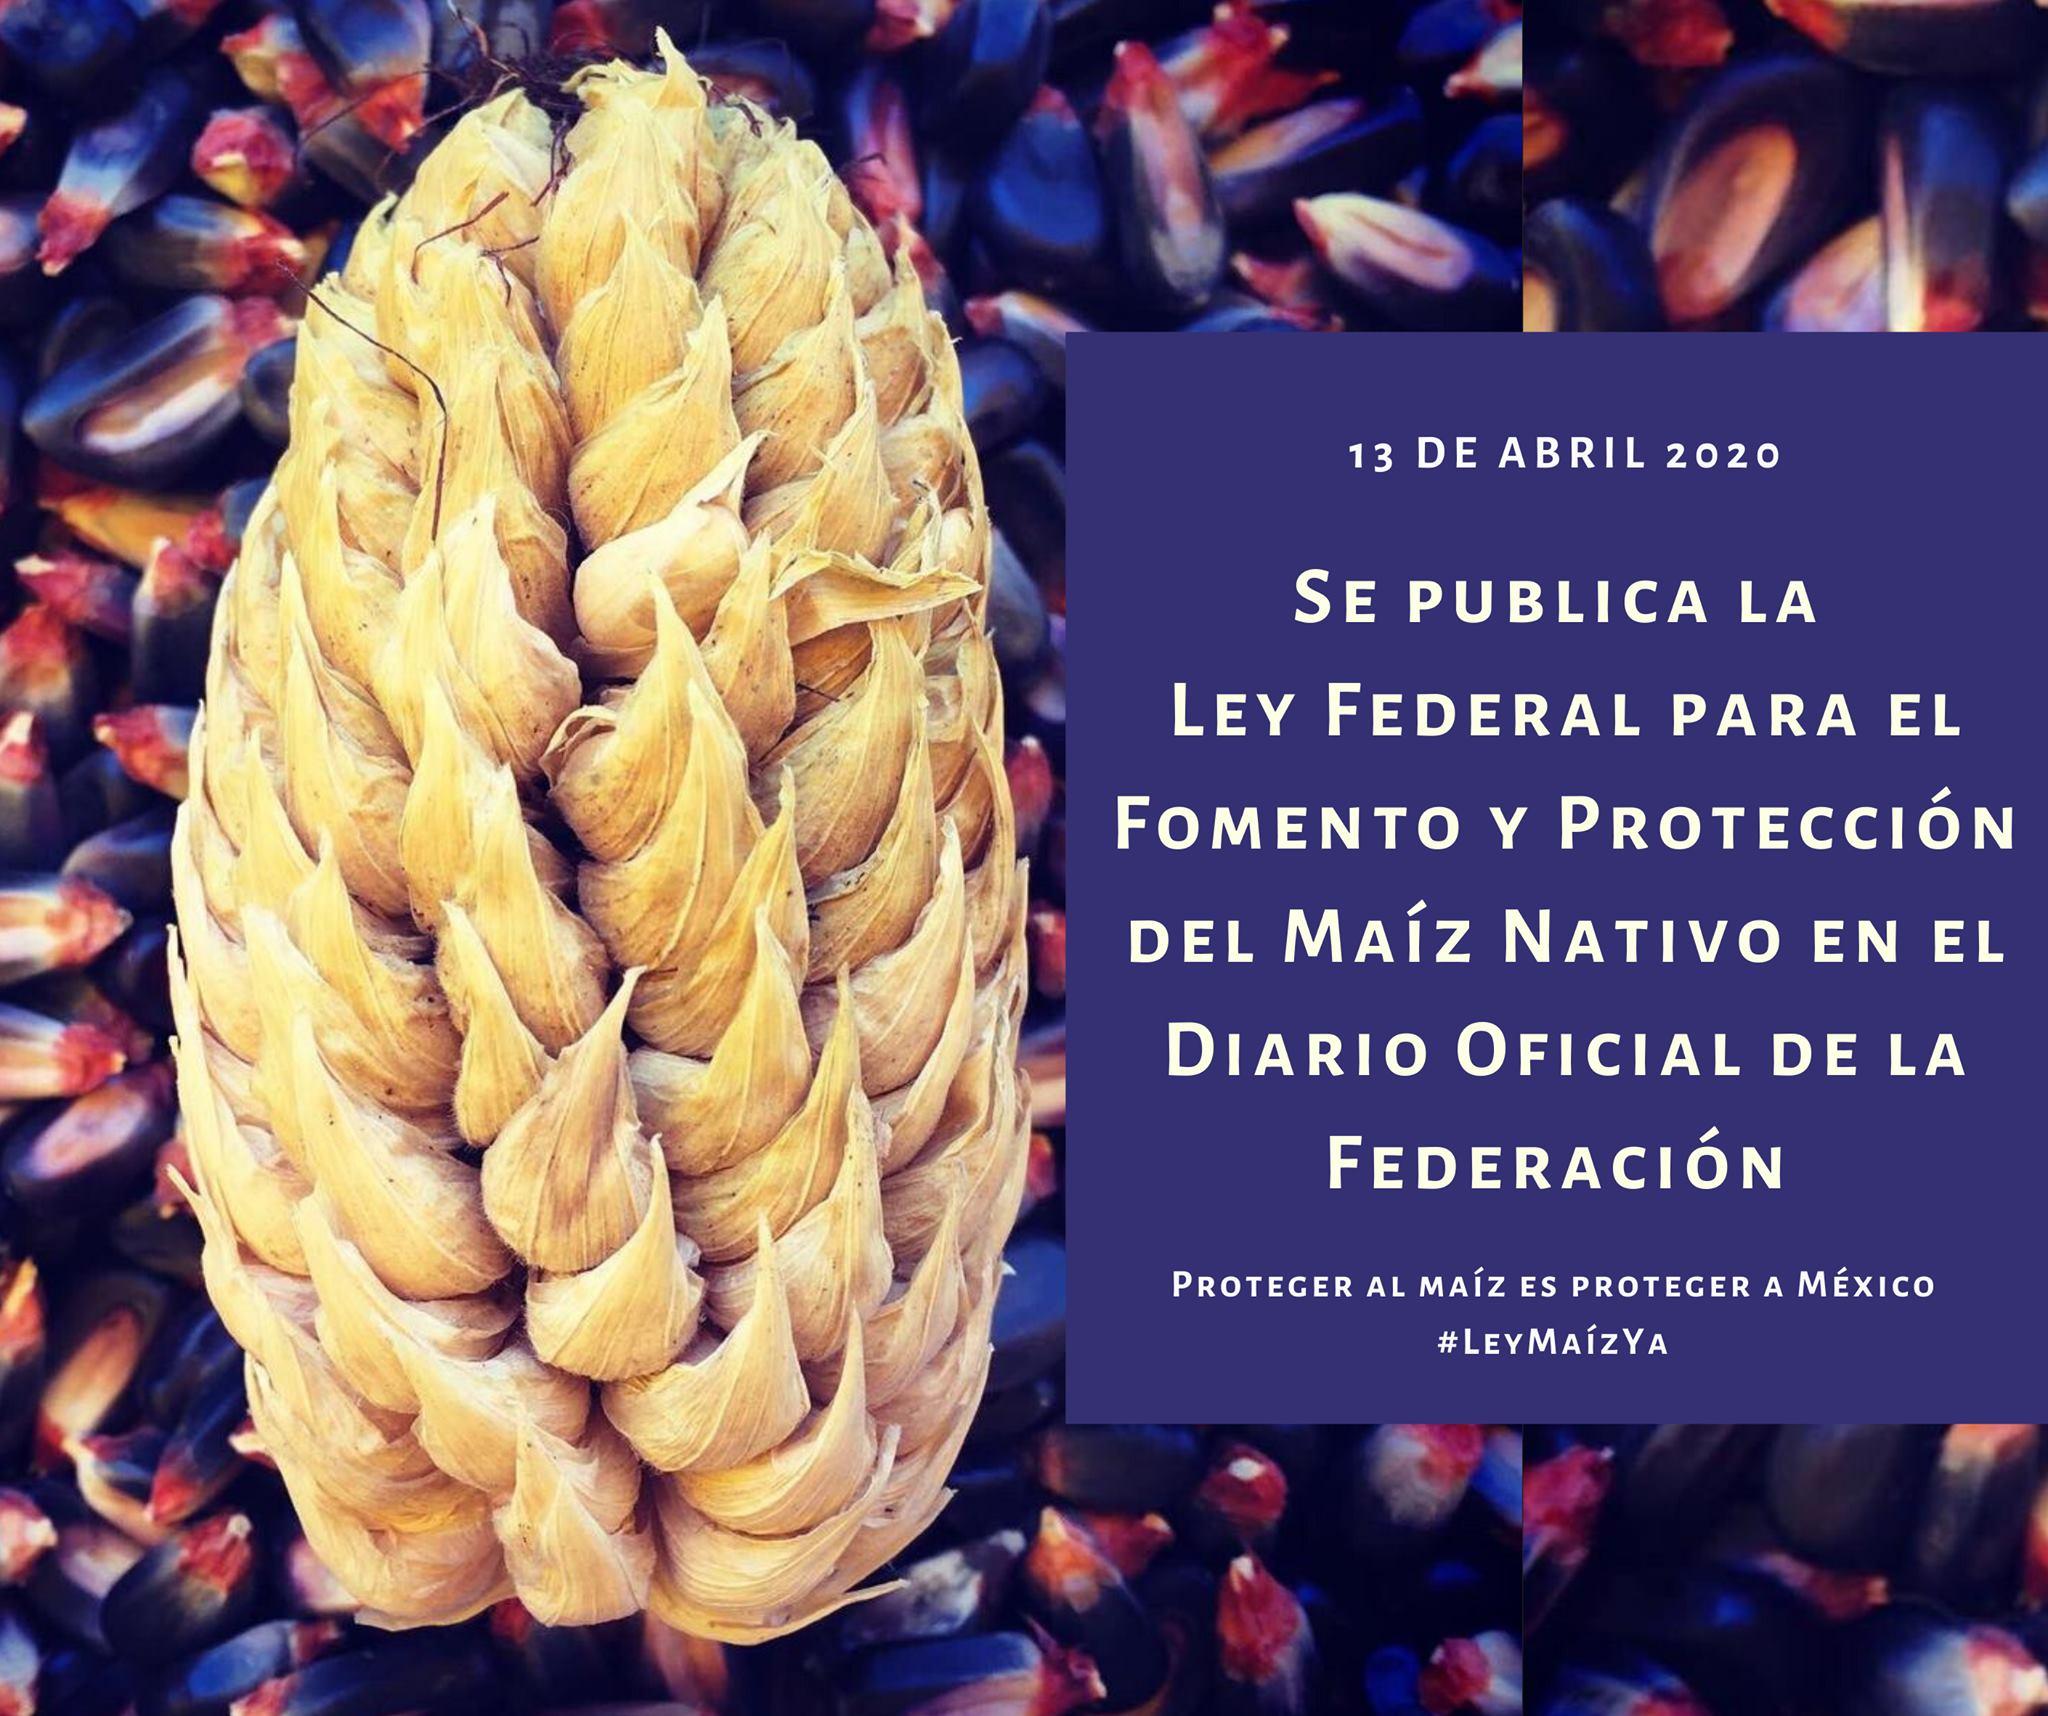 ¡Nuestro maíz nativo está protegido por ley!